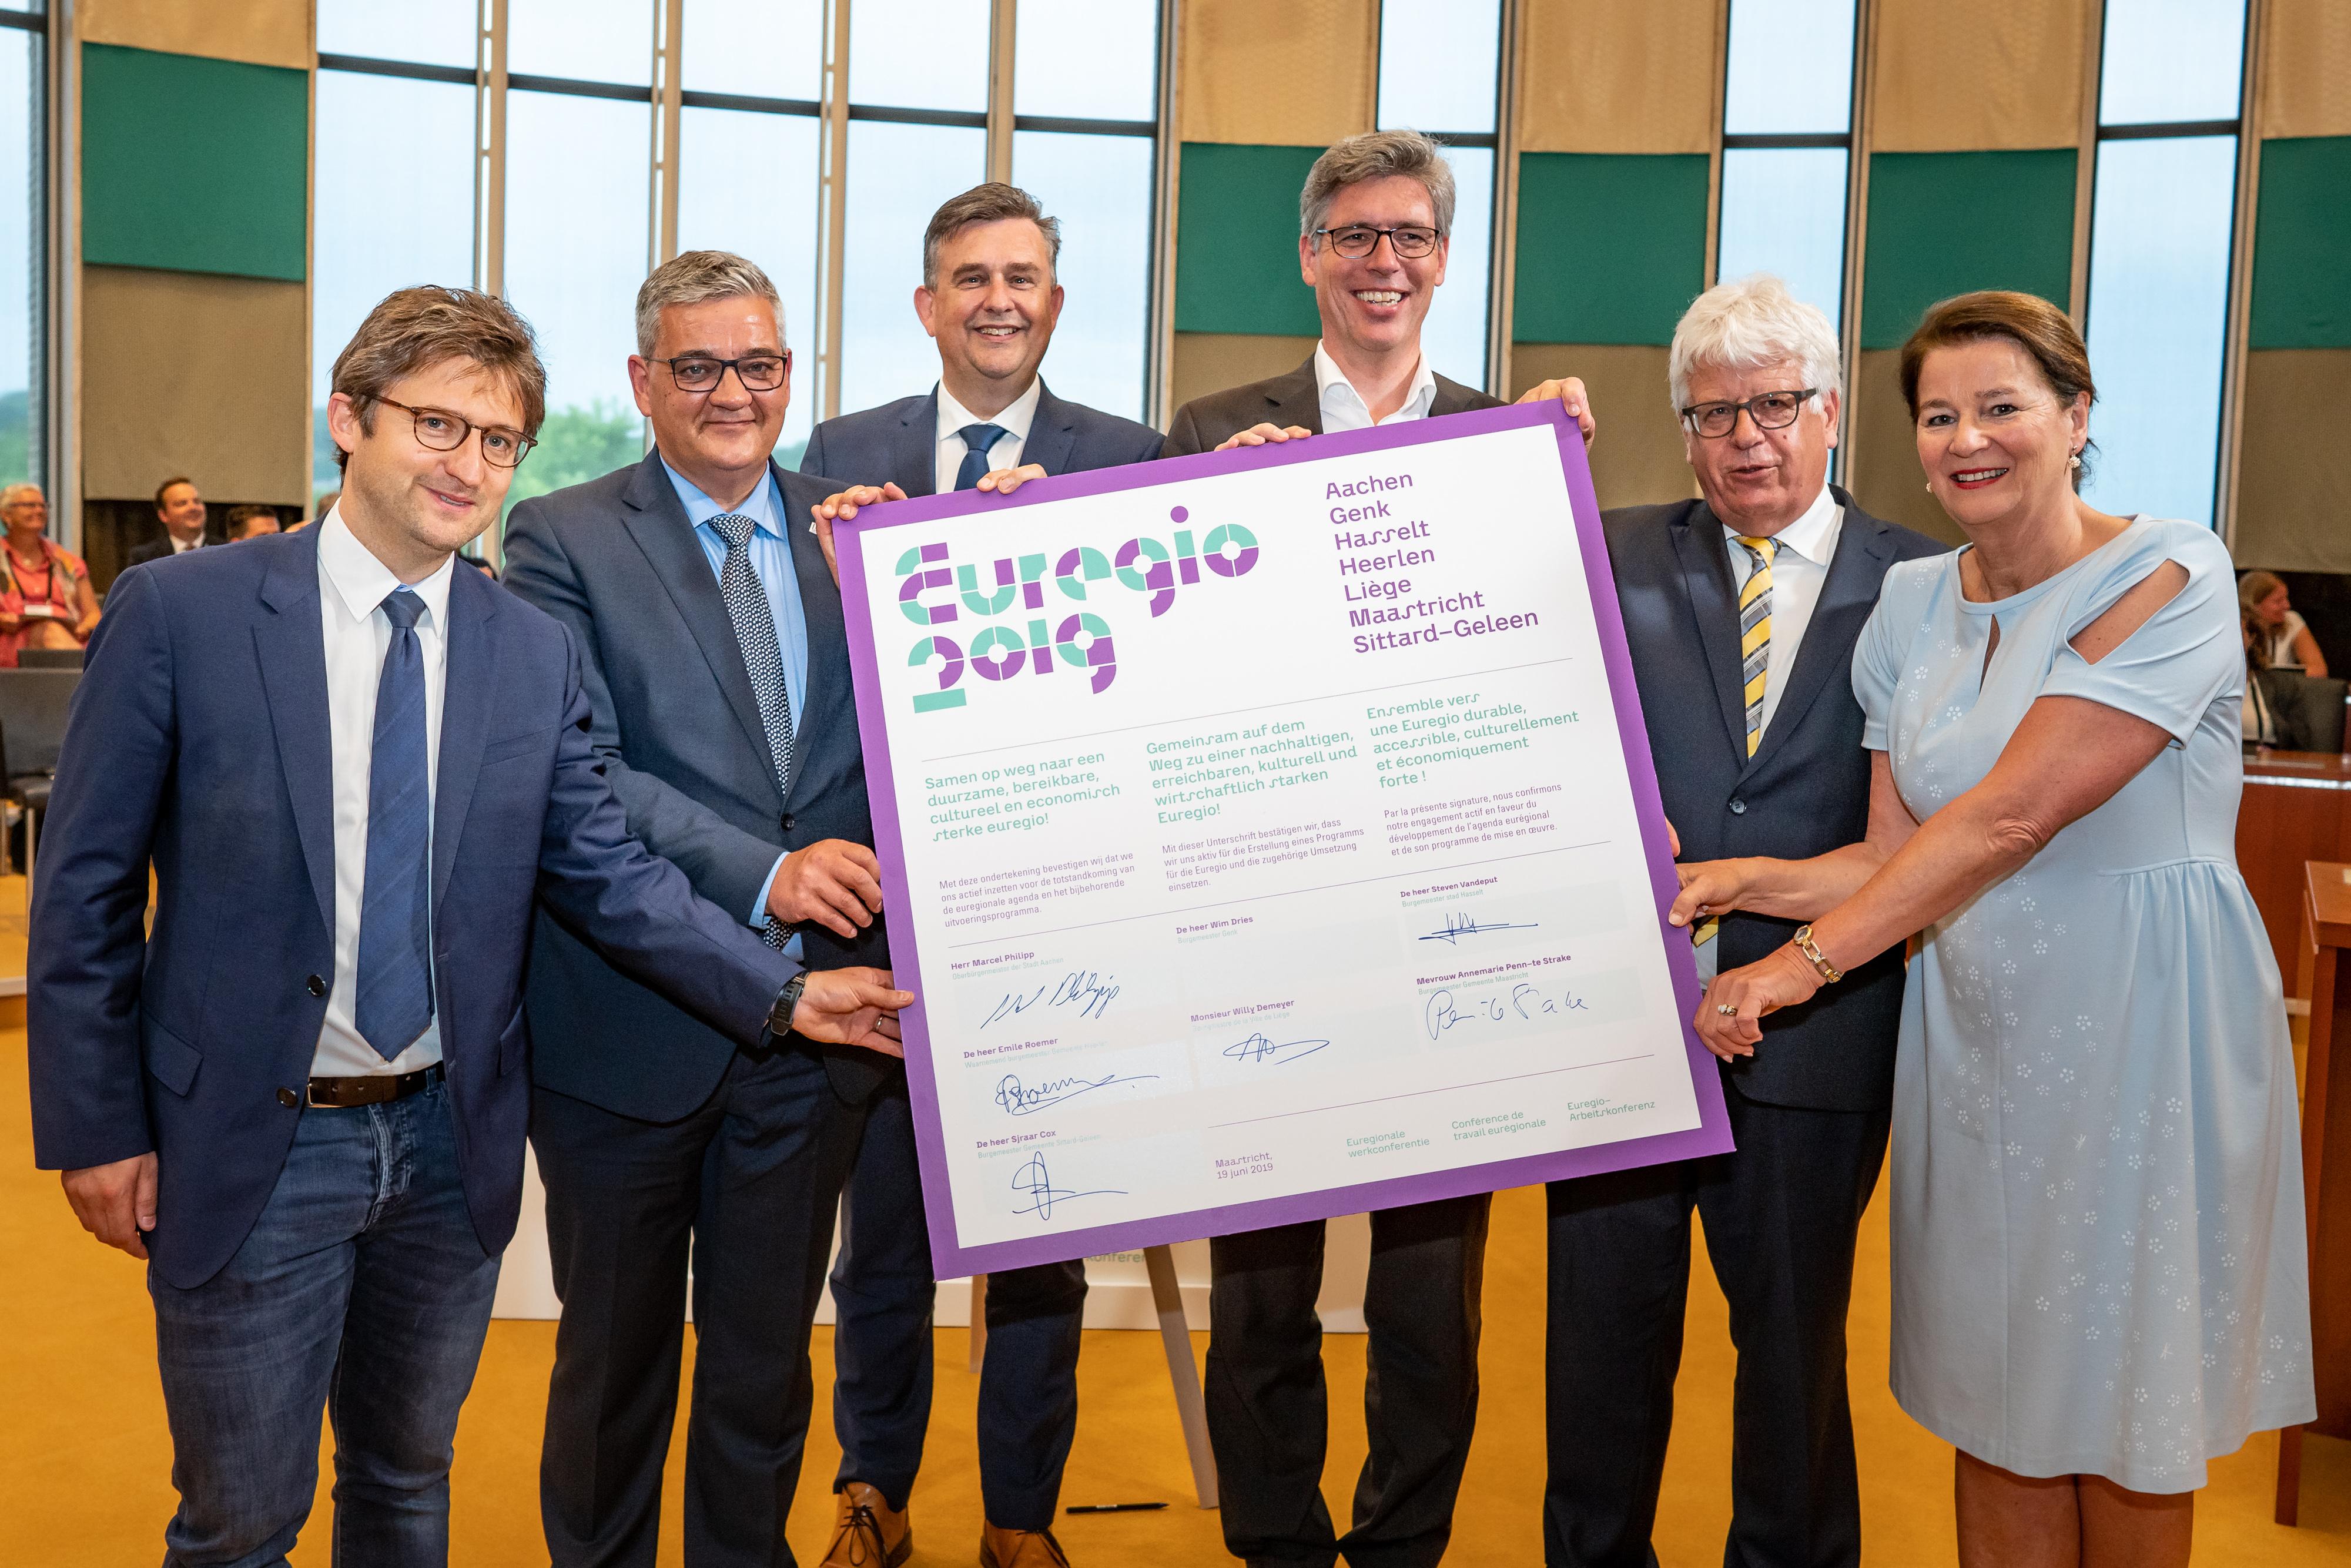 Euregionale partners maken afspraken voor benutten kansen